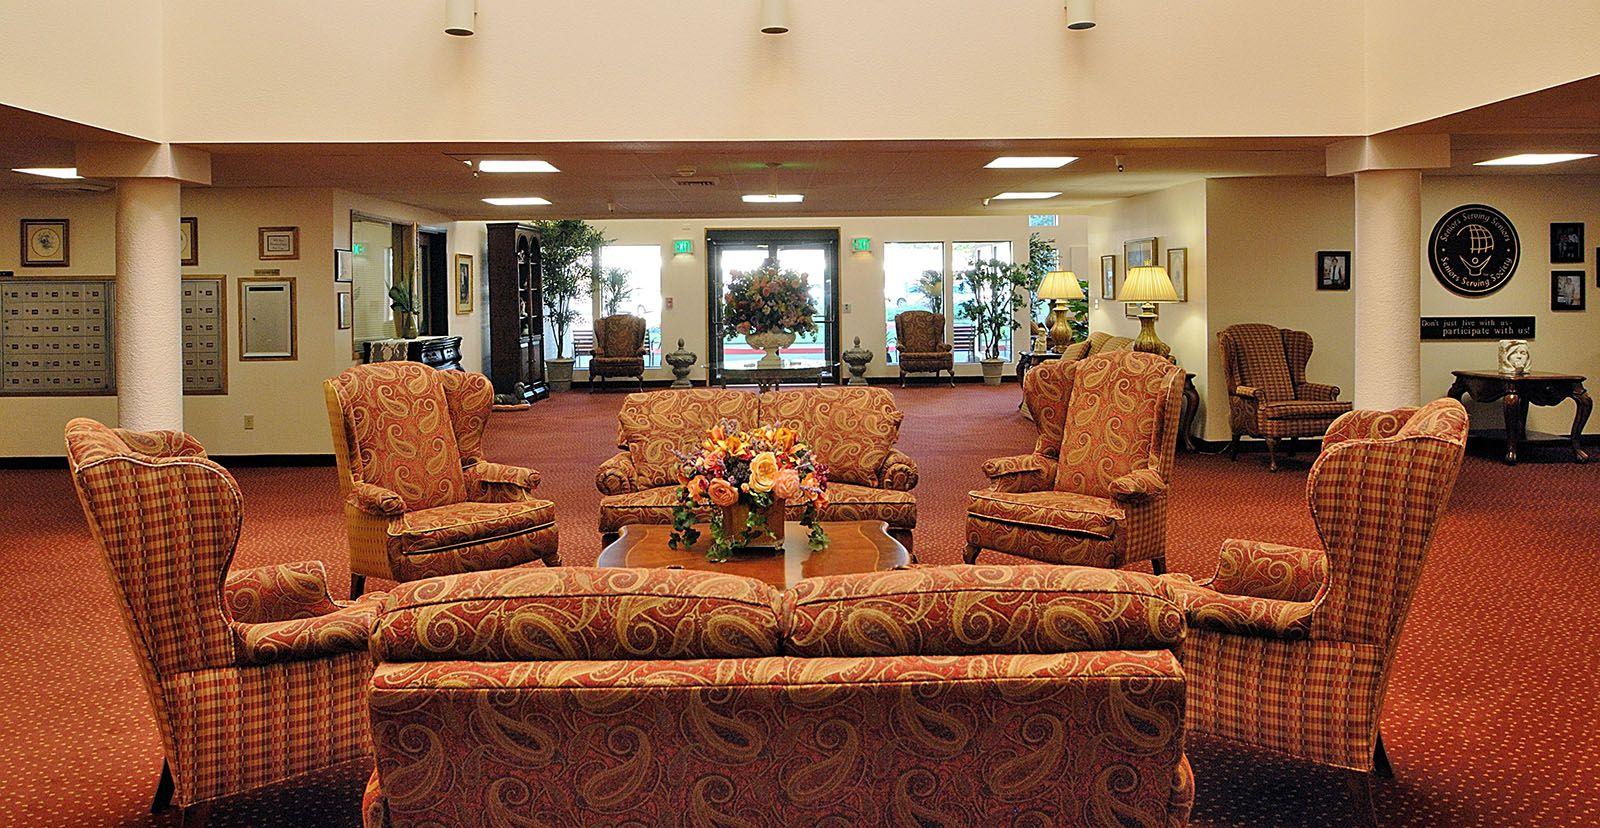 Gresham Manor in Gresham, OR 97080 - ChamberofCommerce.com